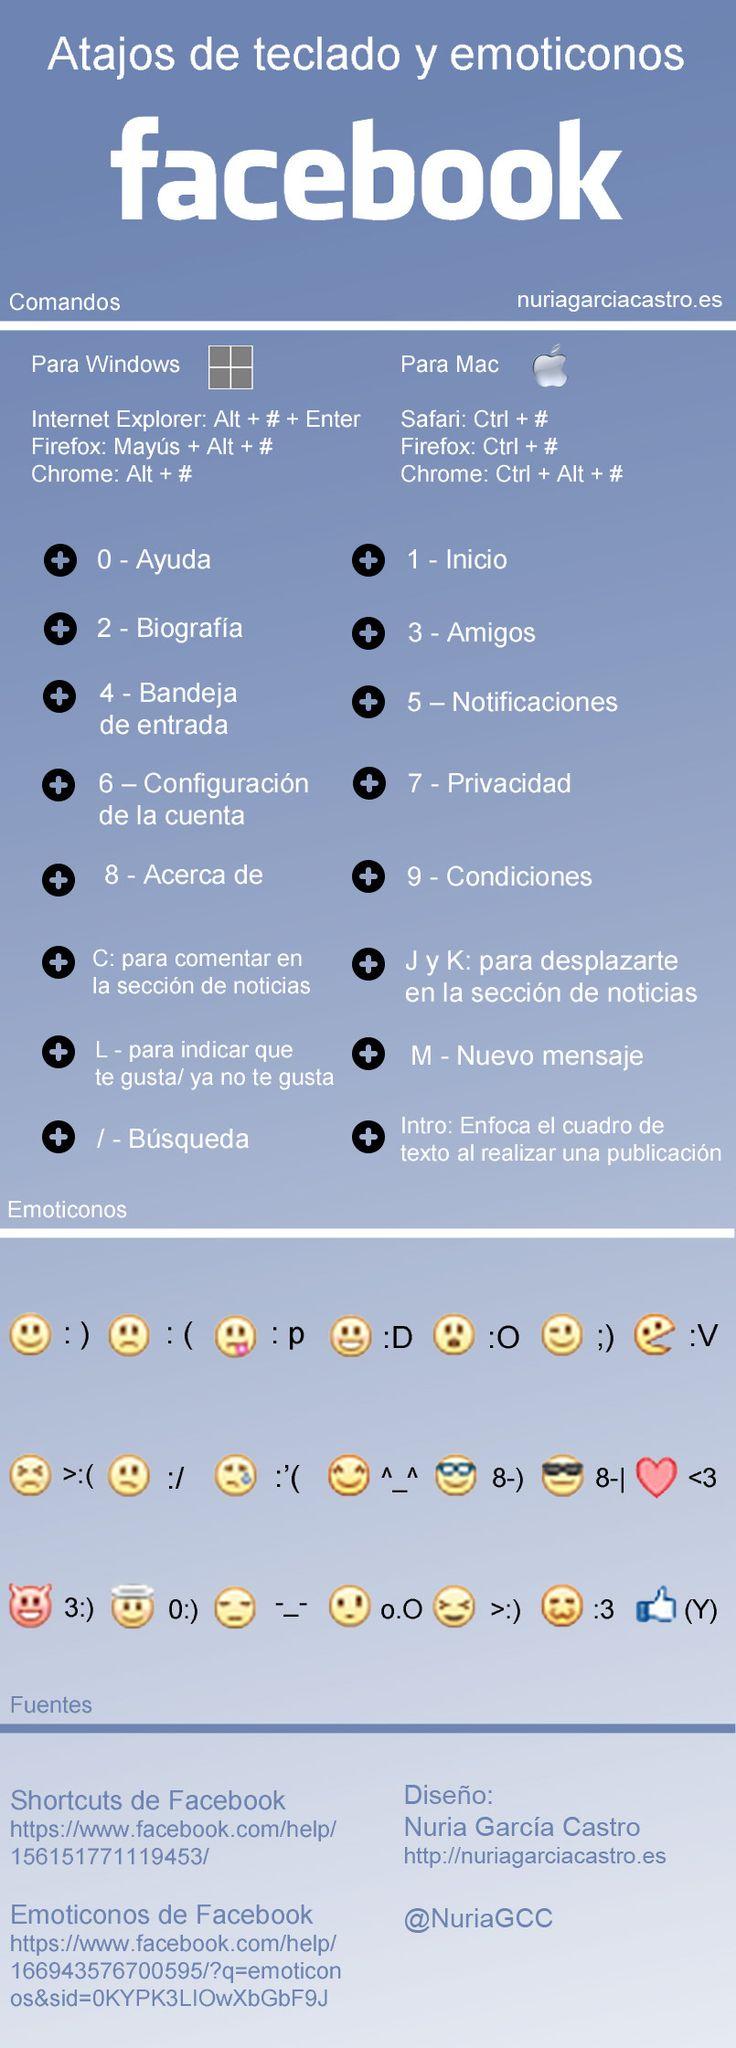 Atajos de teclado y emoticones en FaceBook